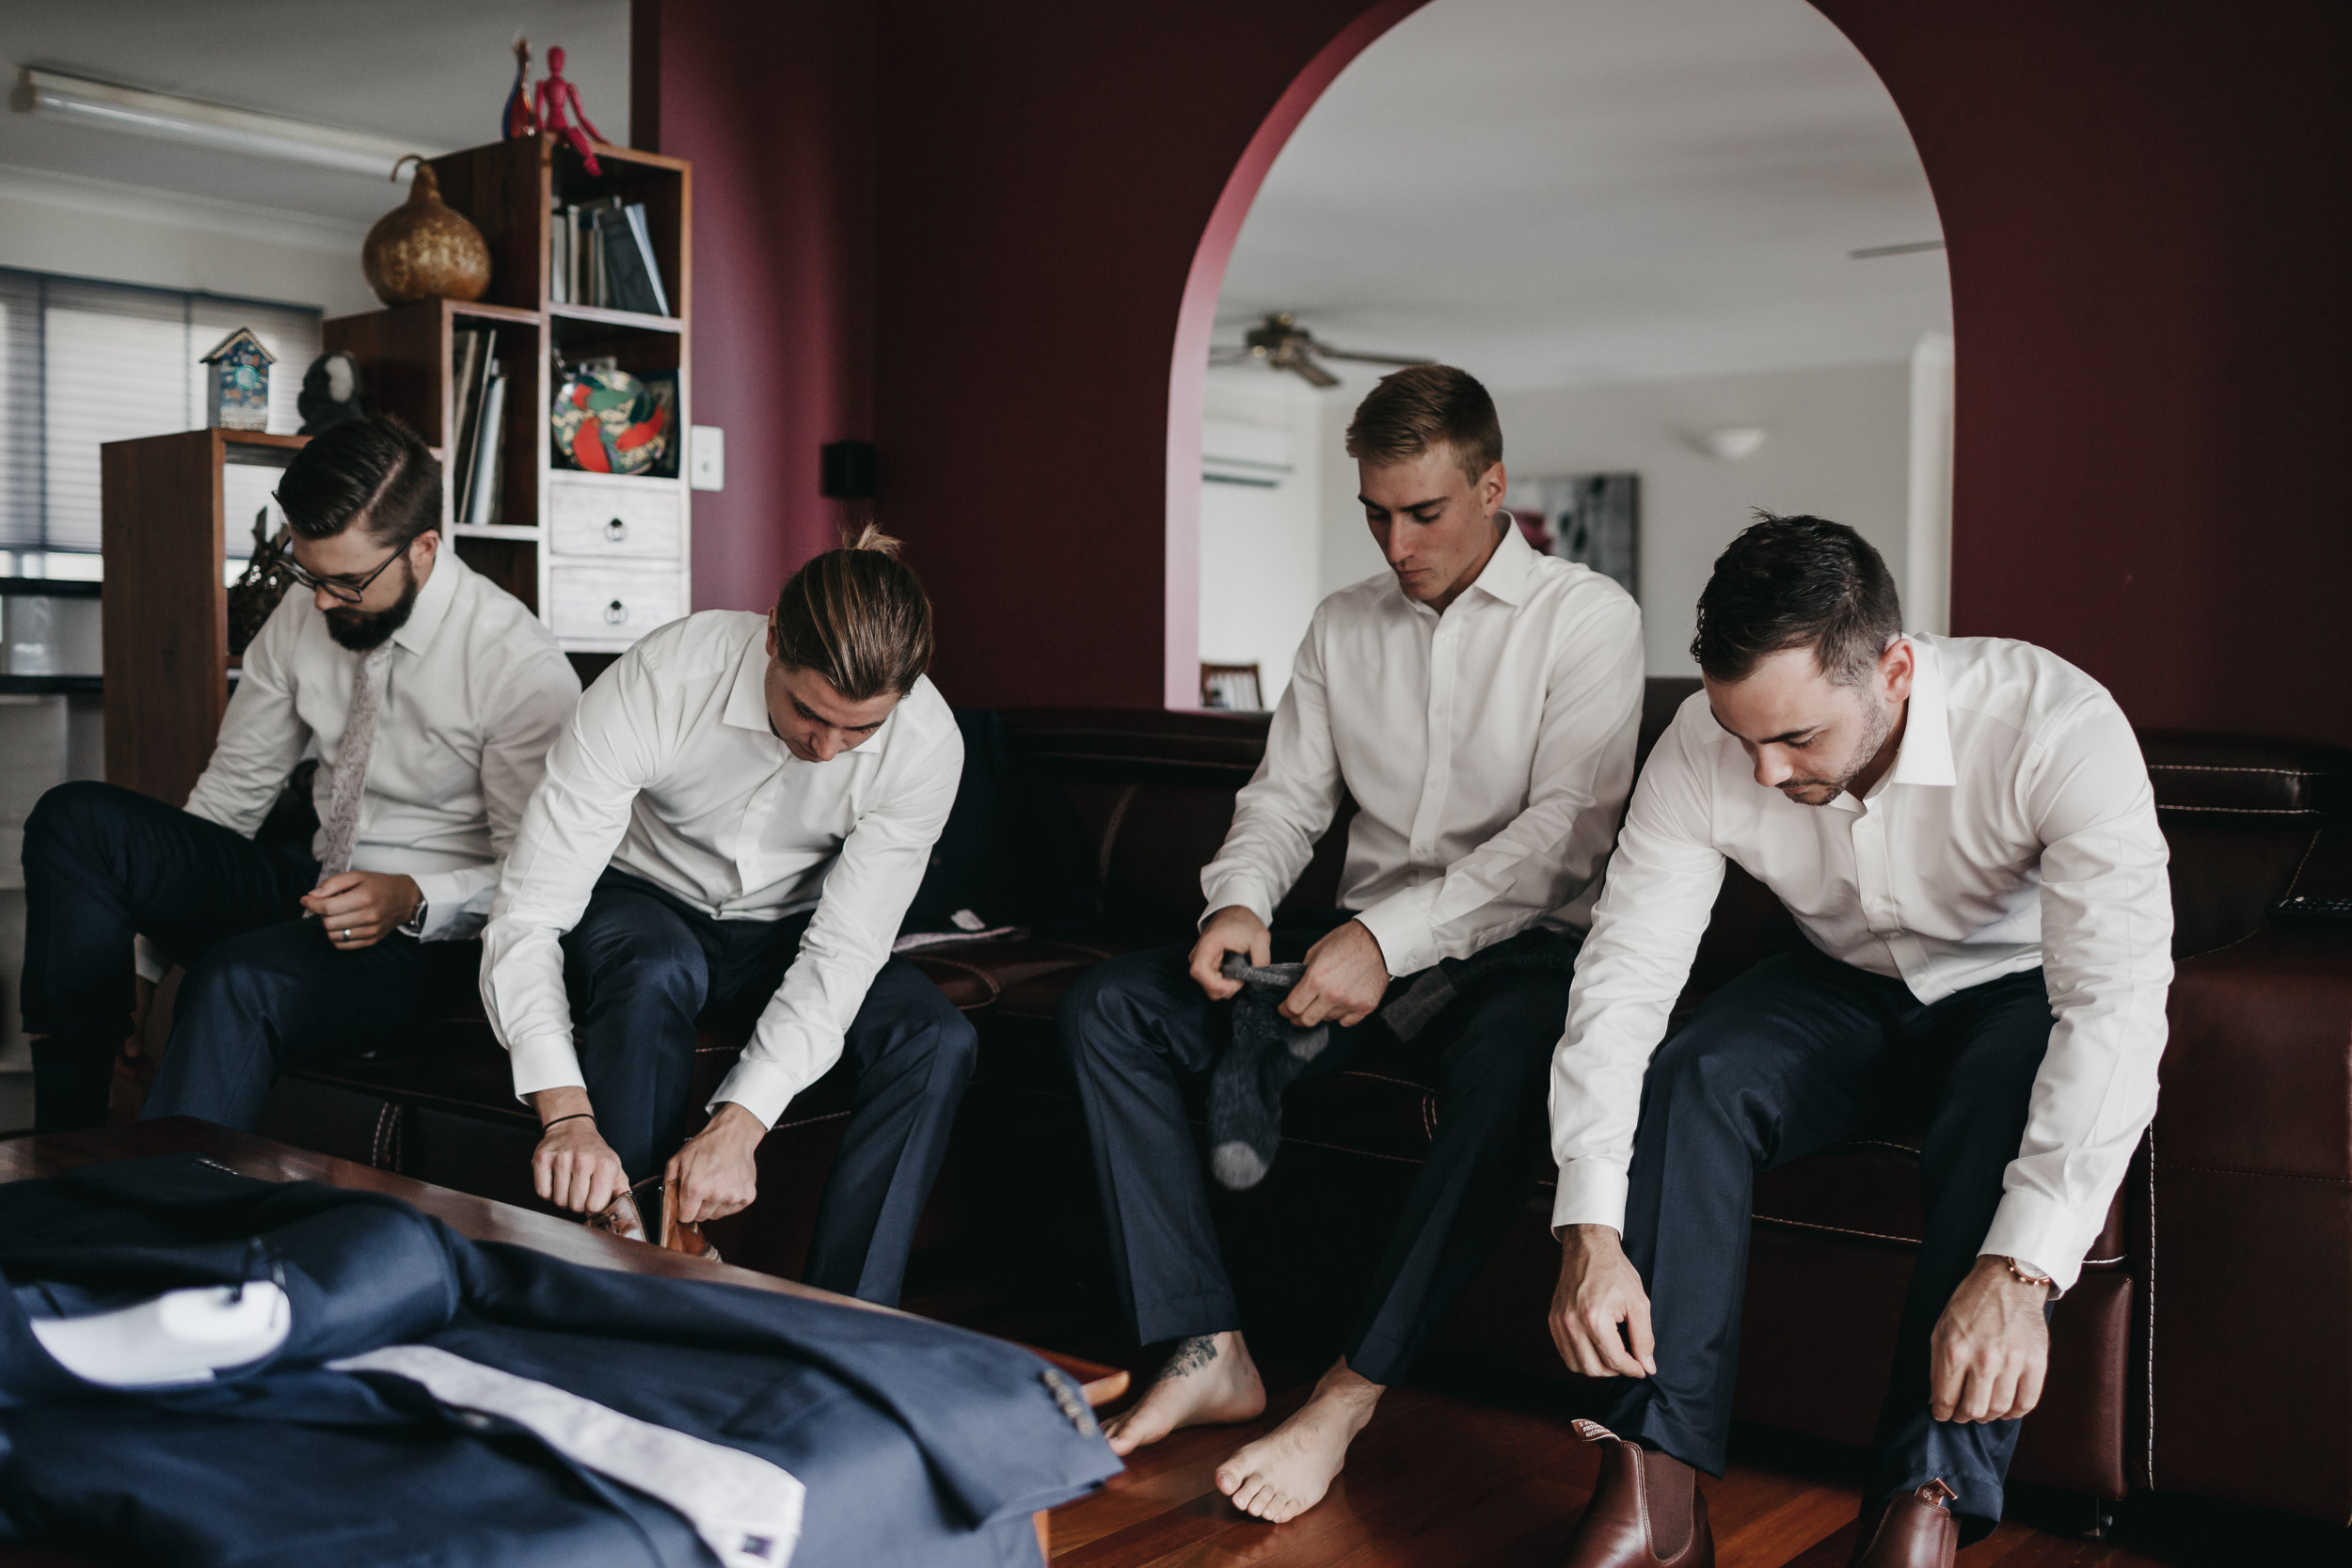 missendenwedding-14.jpg